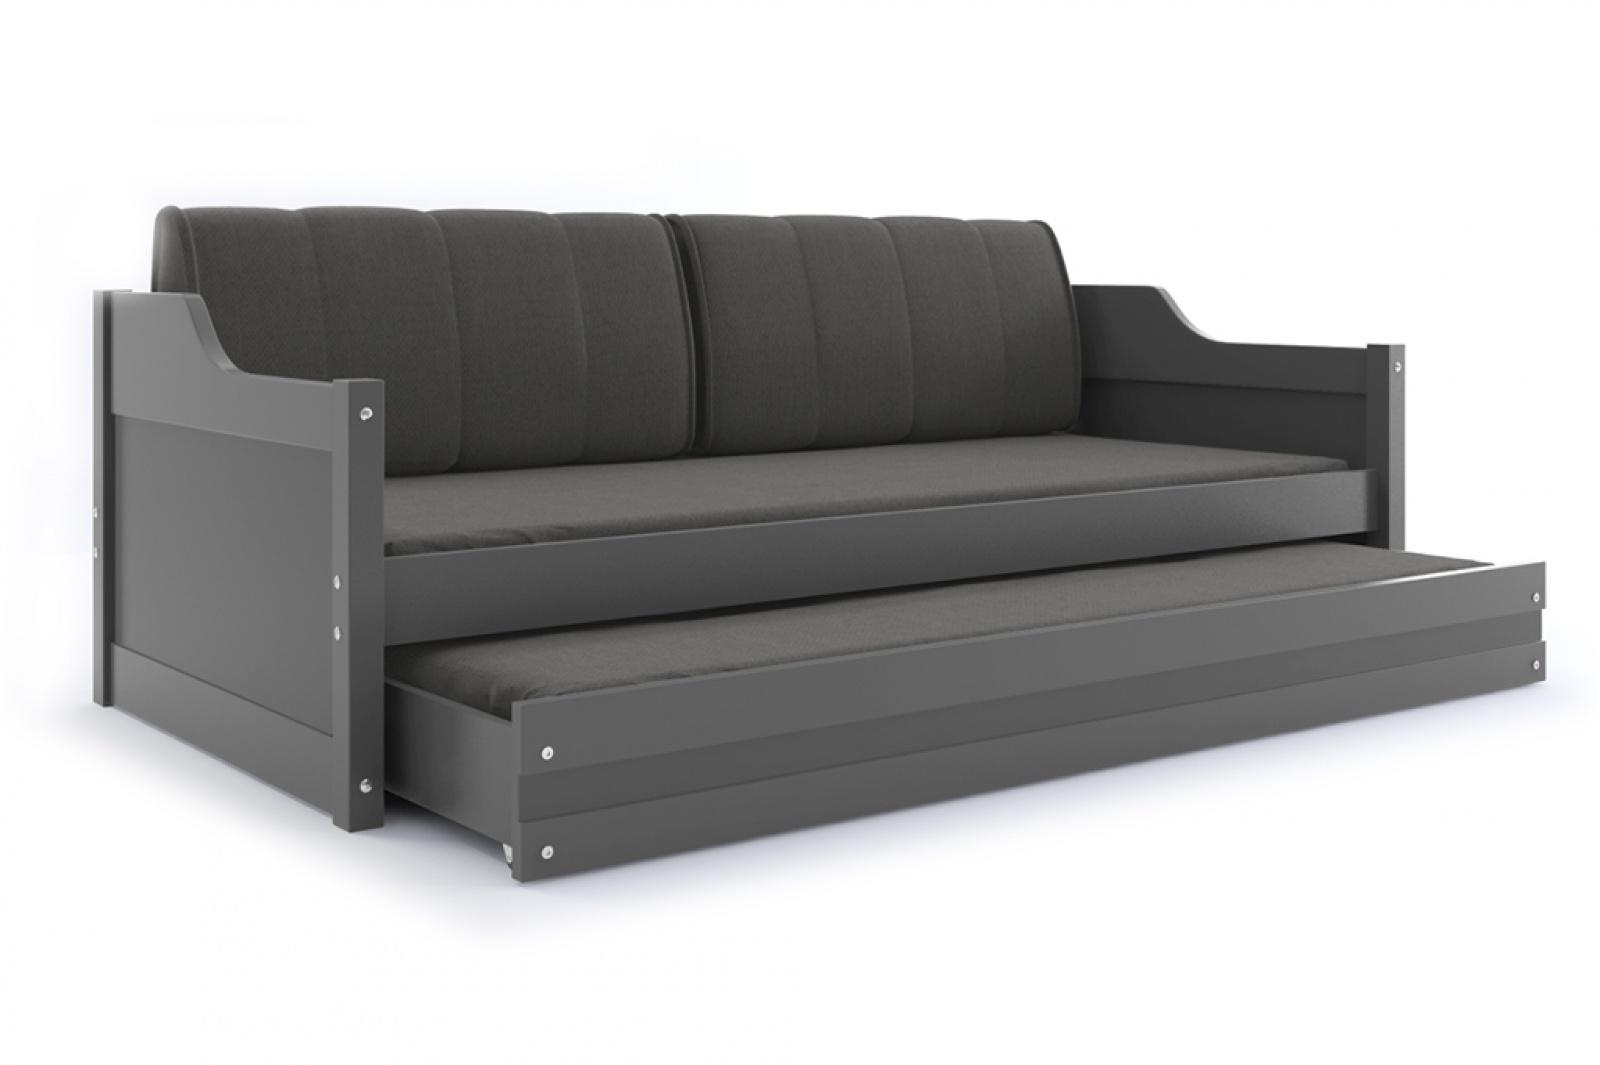 sofabett umny grau mit g stebett inkl lattenrost matratze und kissen kaufen bei m bel lux. Black Bedroom Furniture Sets. Home Design Ideas